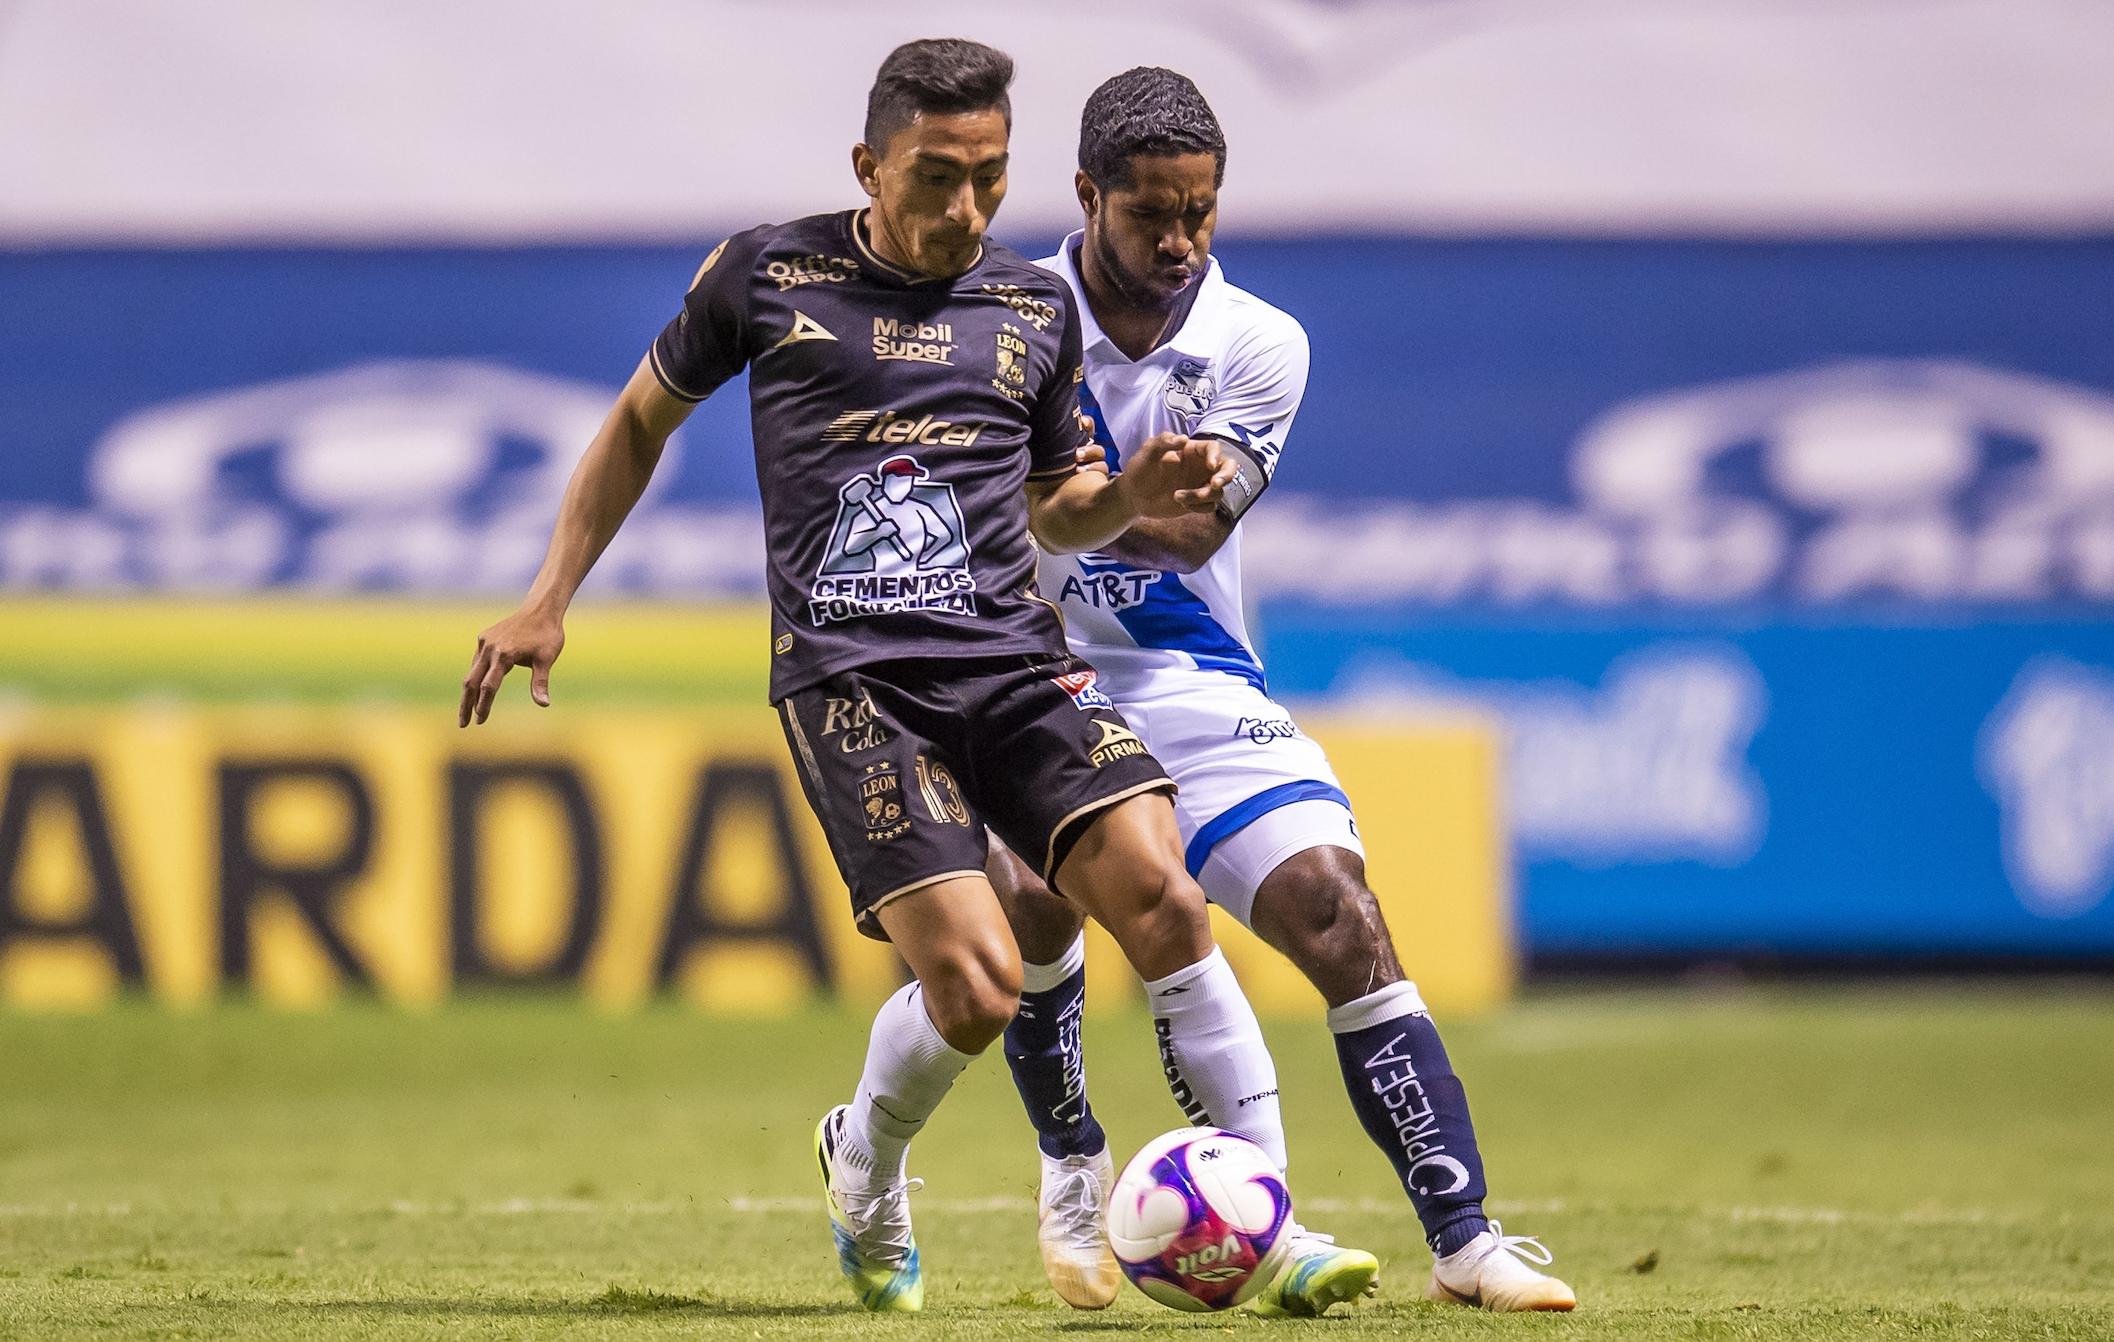 Puebla vs León en vivo | TV Azteca transmitirá el partido de Liguilla del  Guardianes 2020.